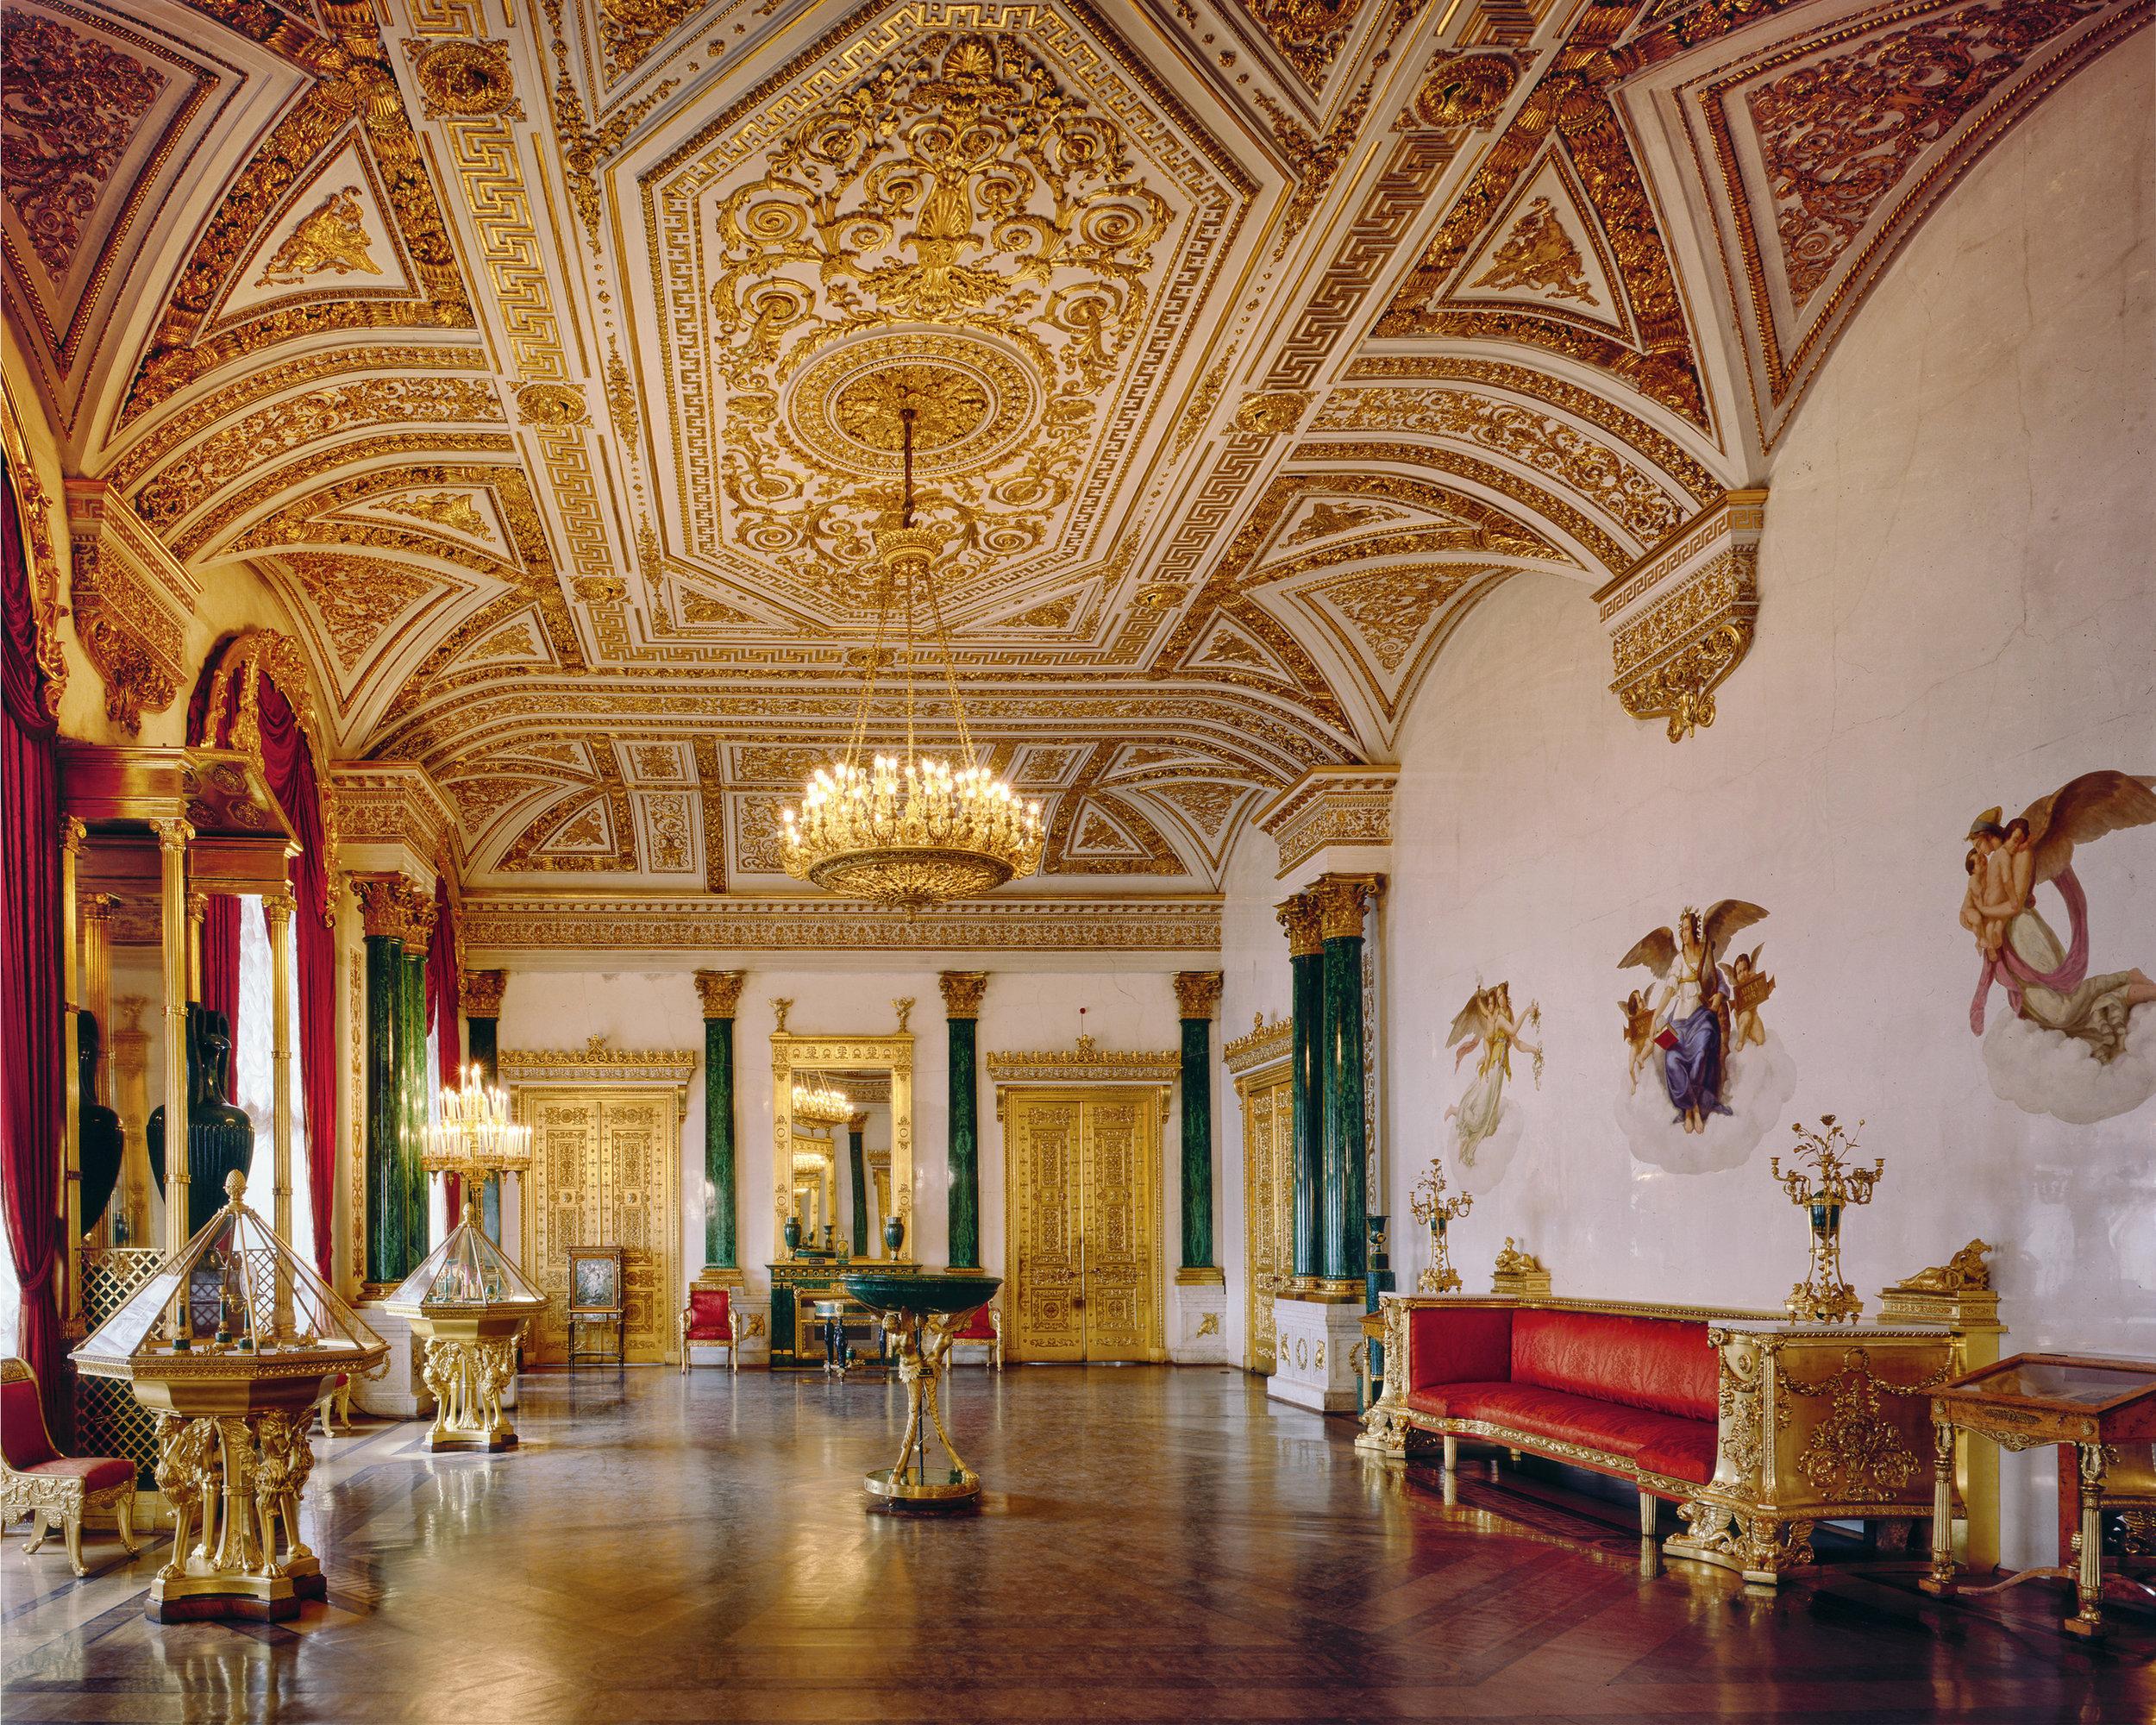 Salle Ermitage, Musée de l'Ermitage - Saint-Pétersbourg 2008